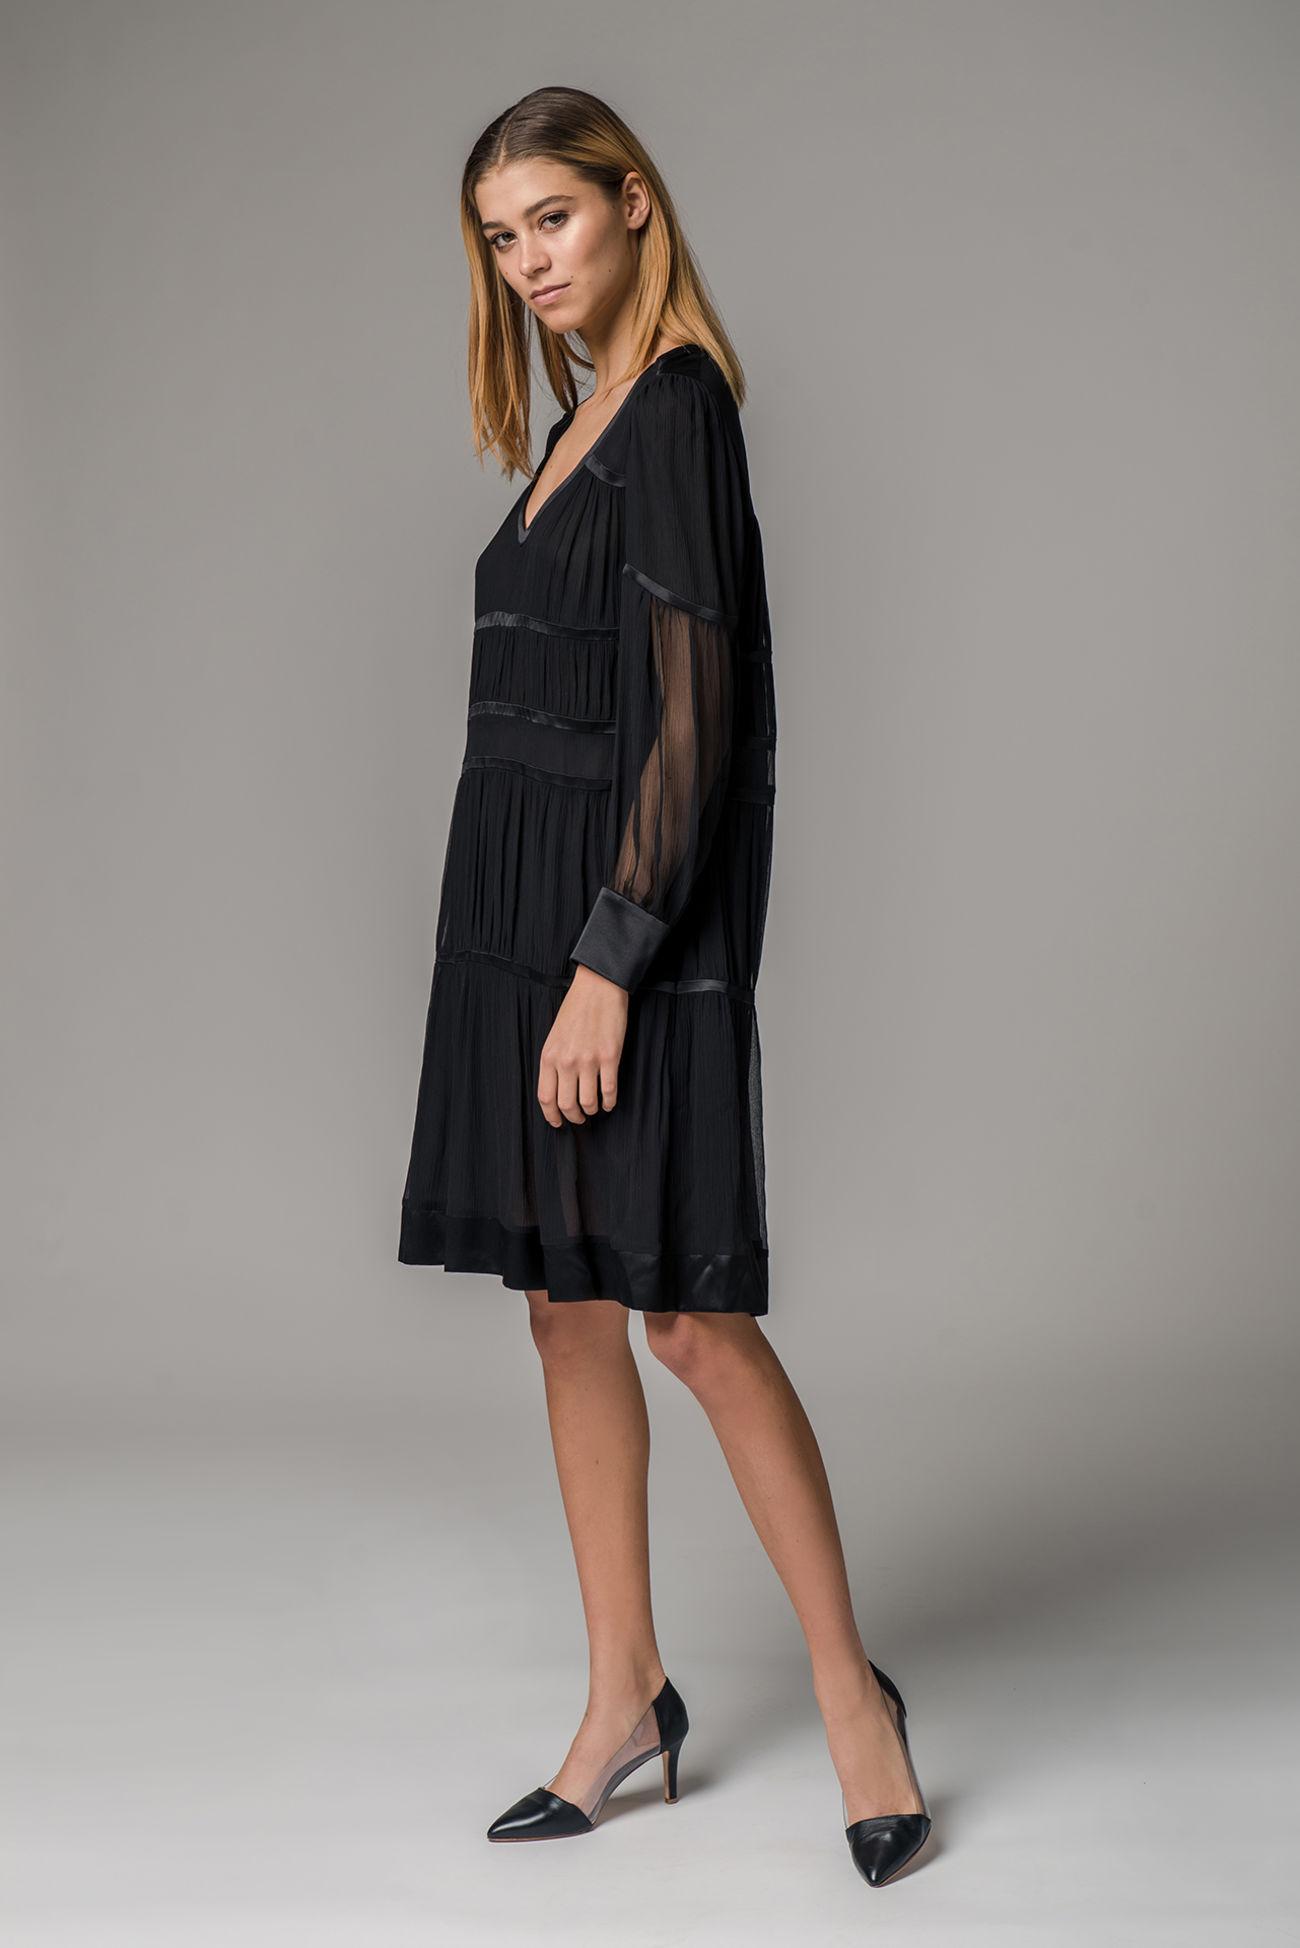 Silk crêpe dress